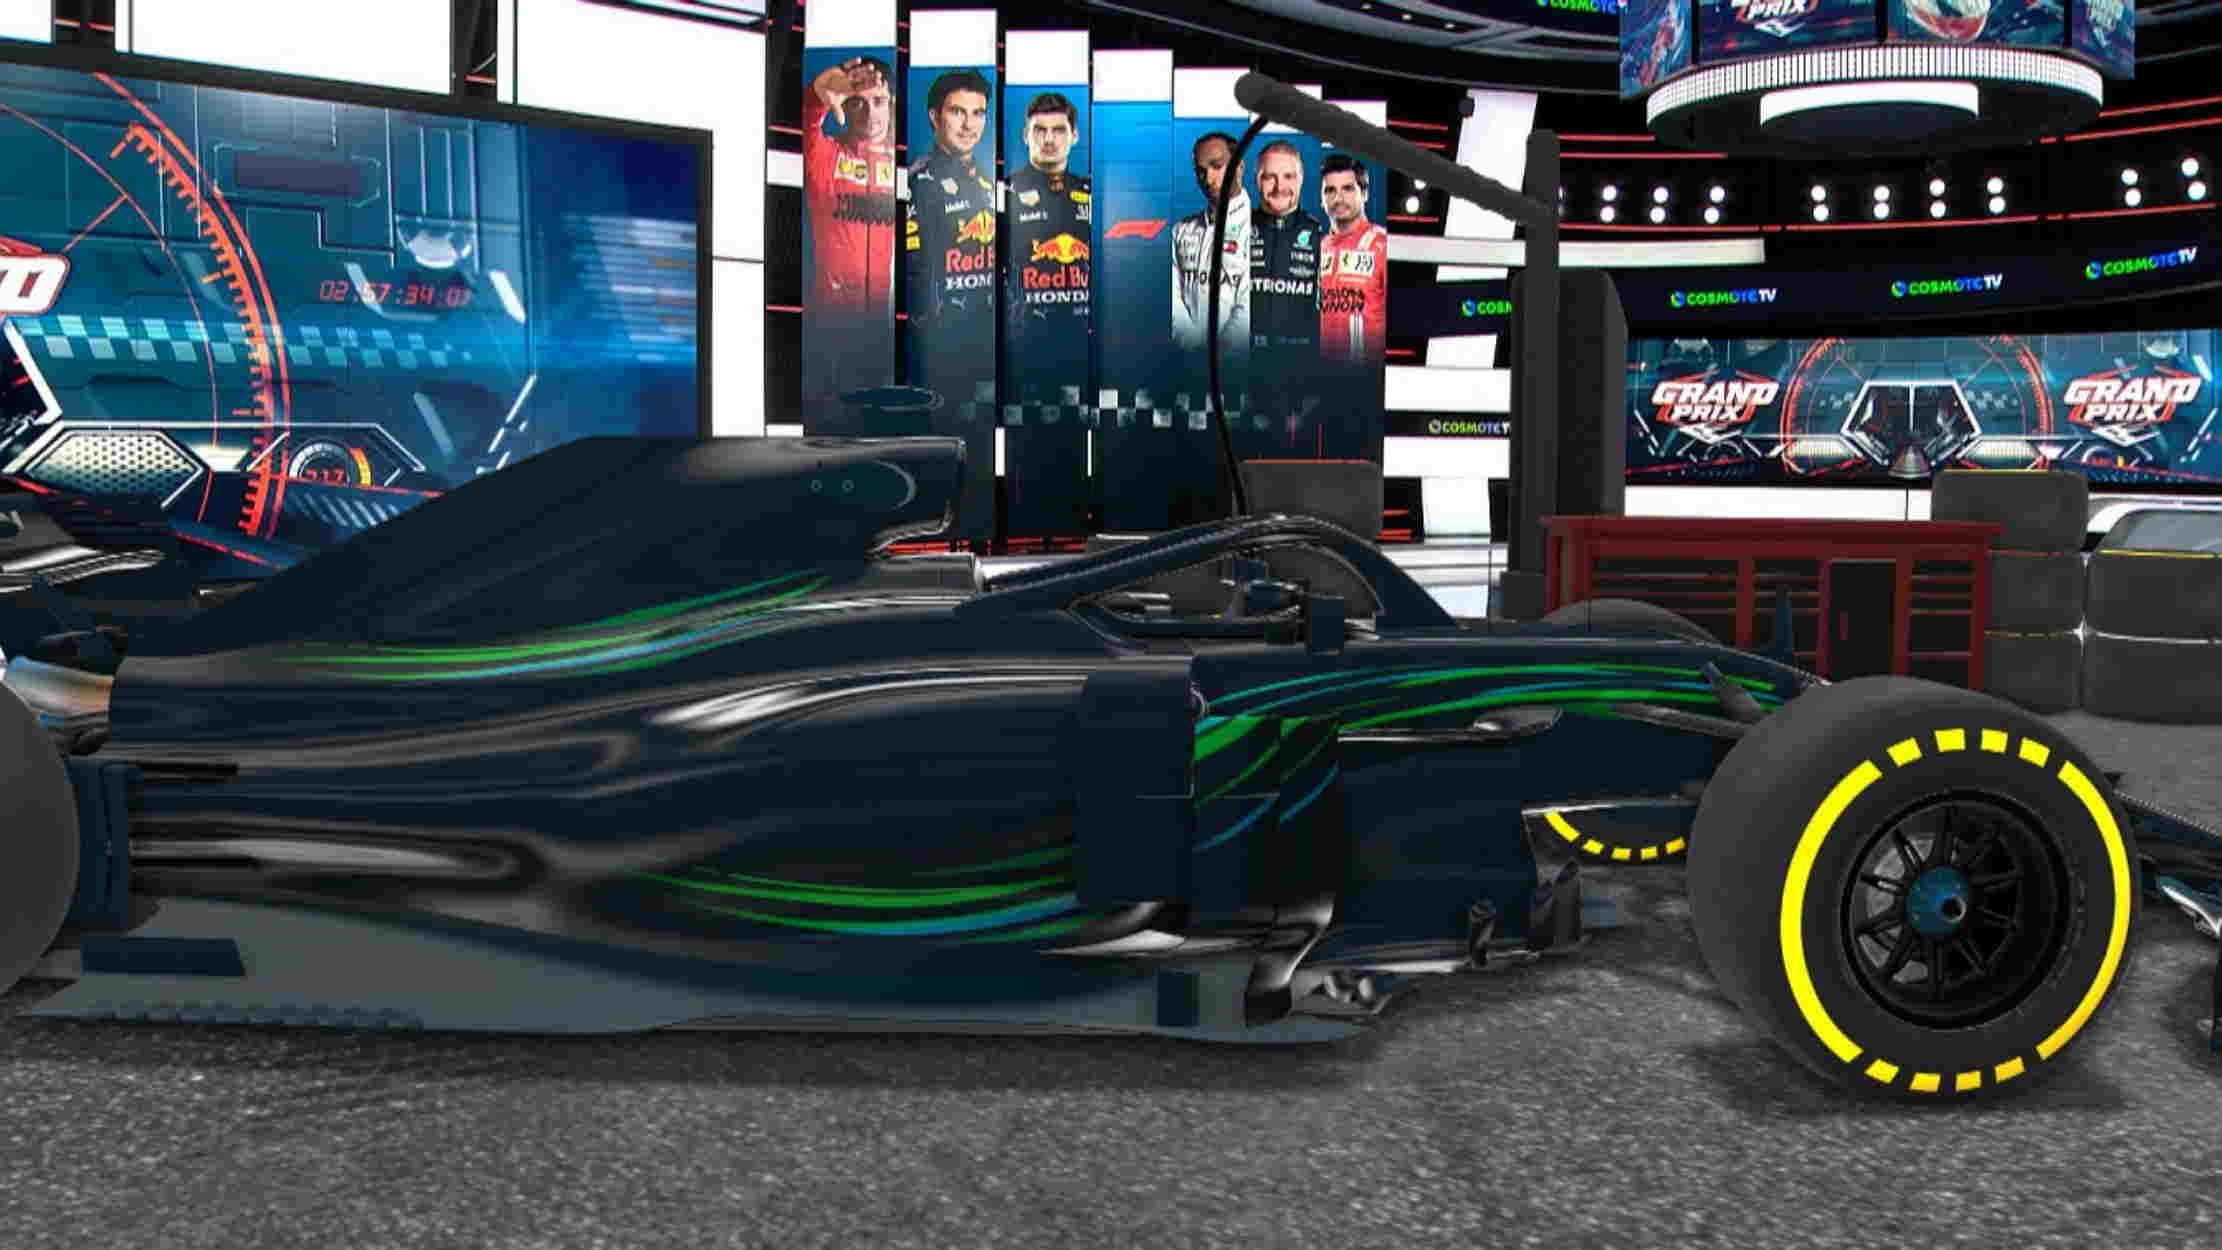 Η εκκίνηση της Formula 1 και του MotoGP στην COSMOTE TV